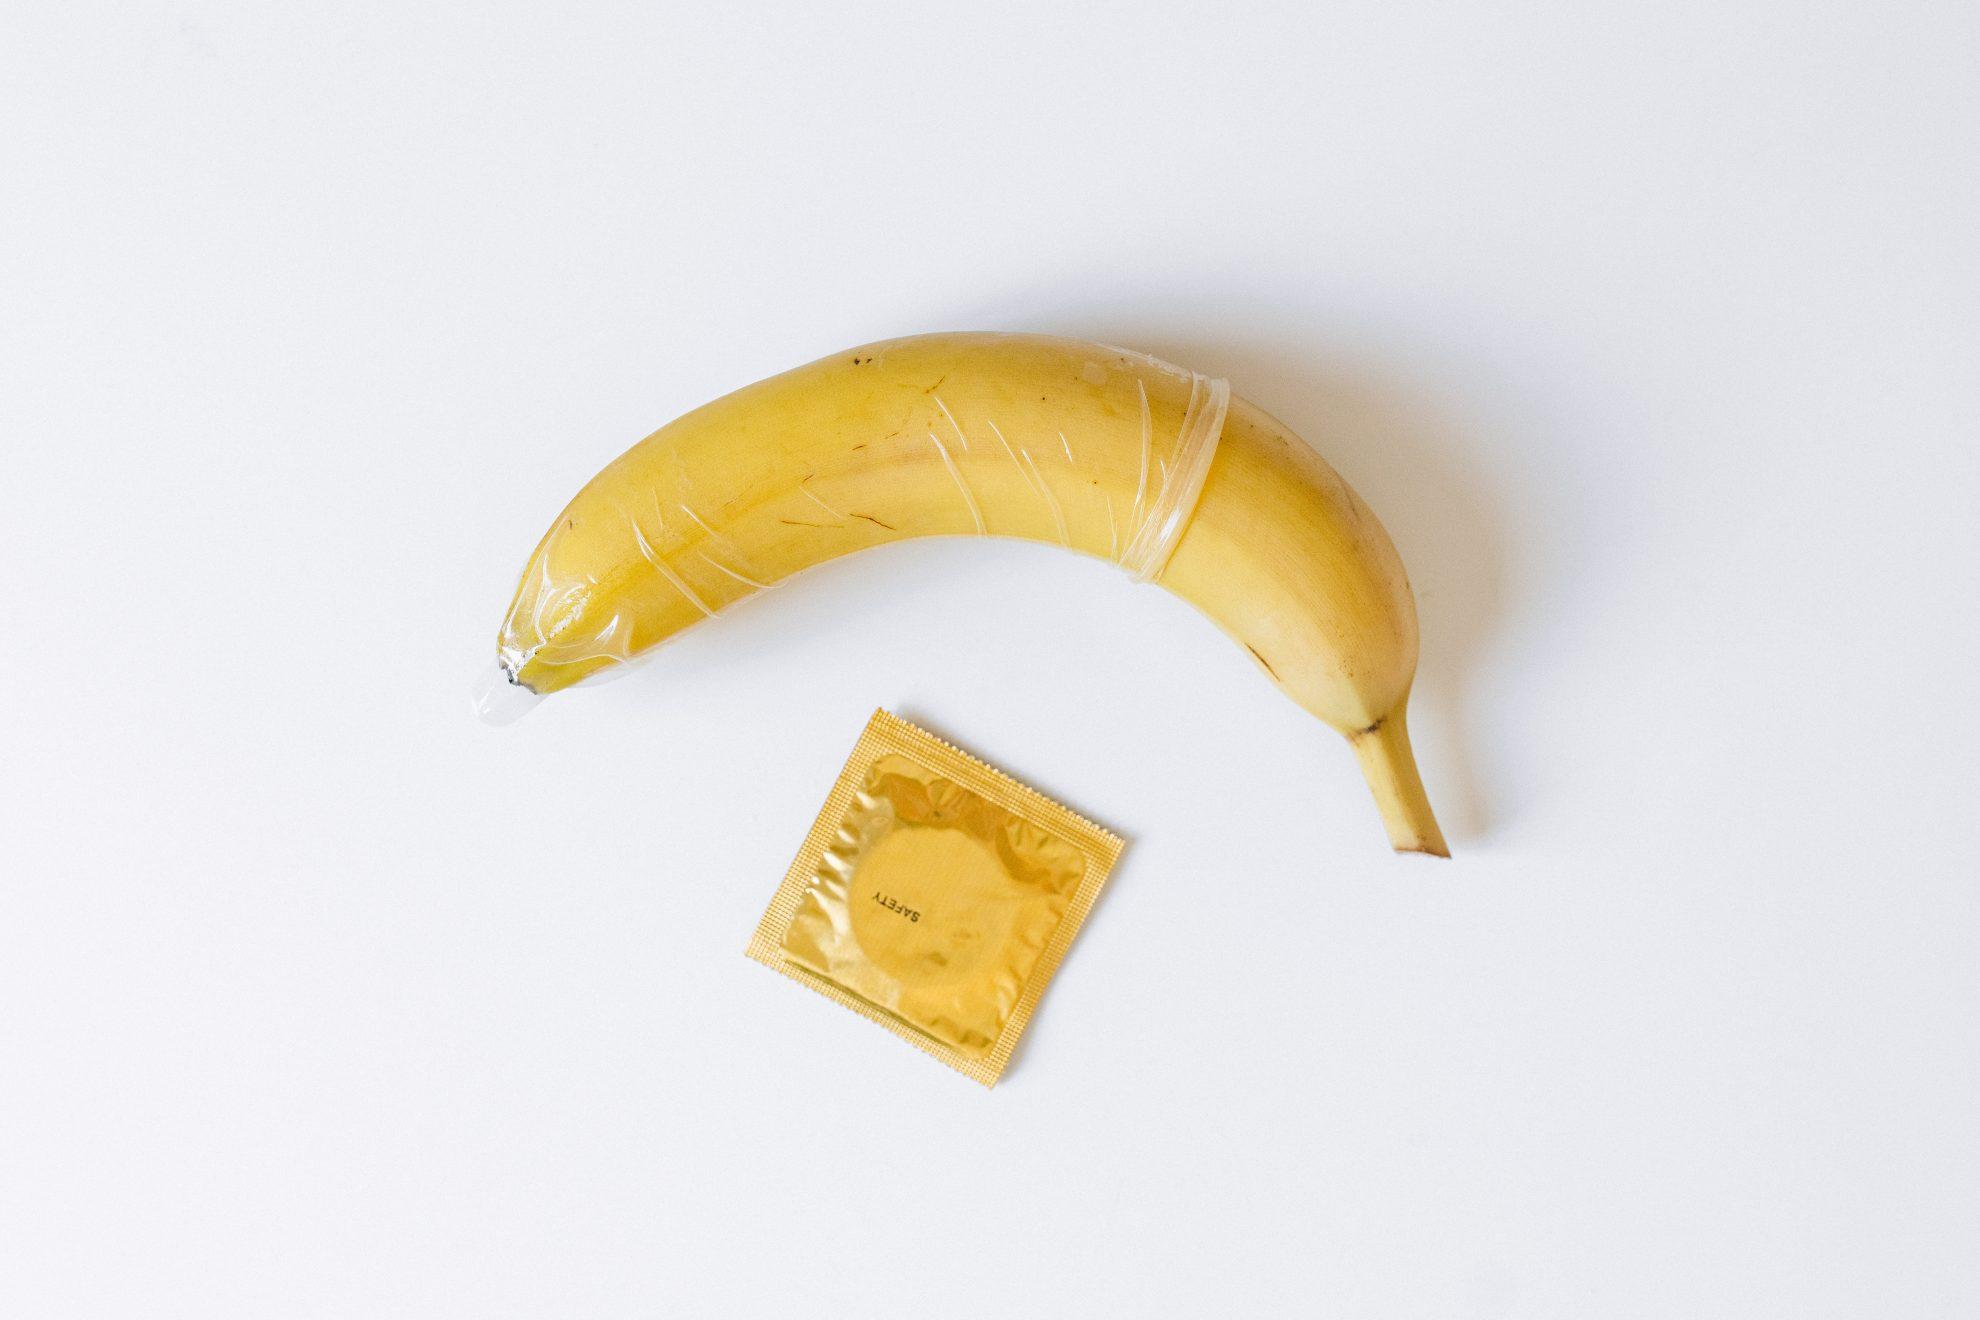 carlos velo nataliya vaitkevich riesgo sexual condón preservativo ETS infeccones trasnmisión